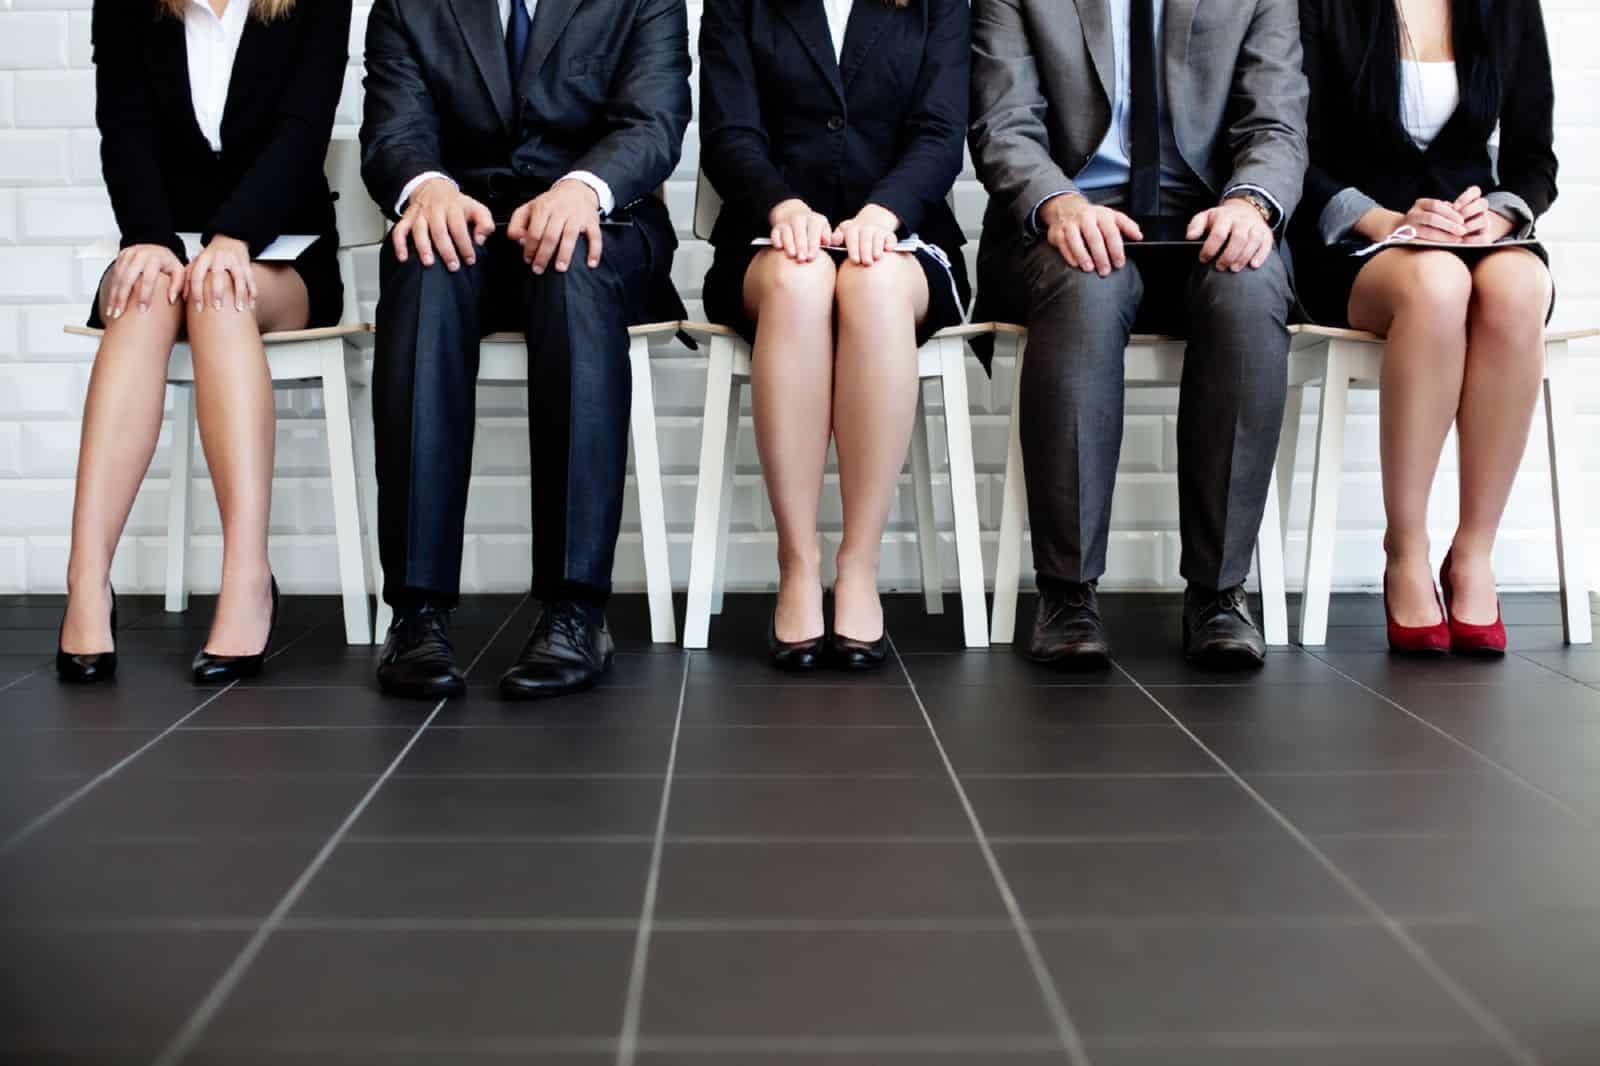 методы оценки кандидатов при приеме на работу